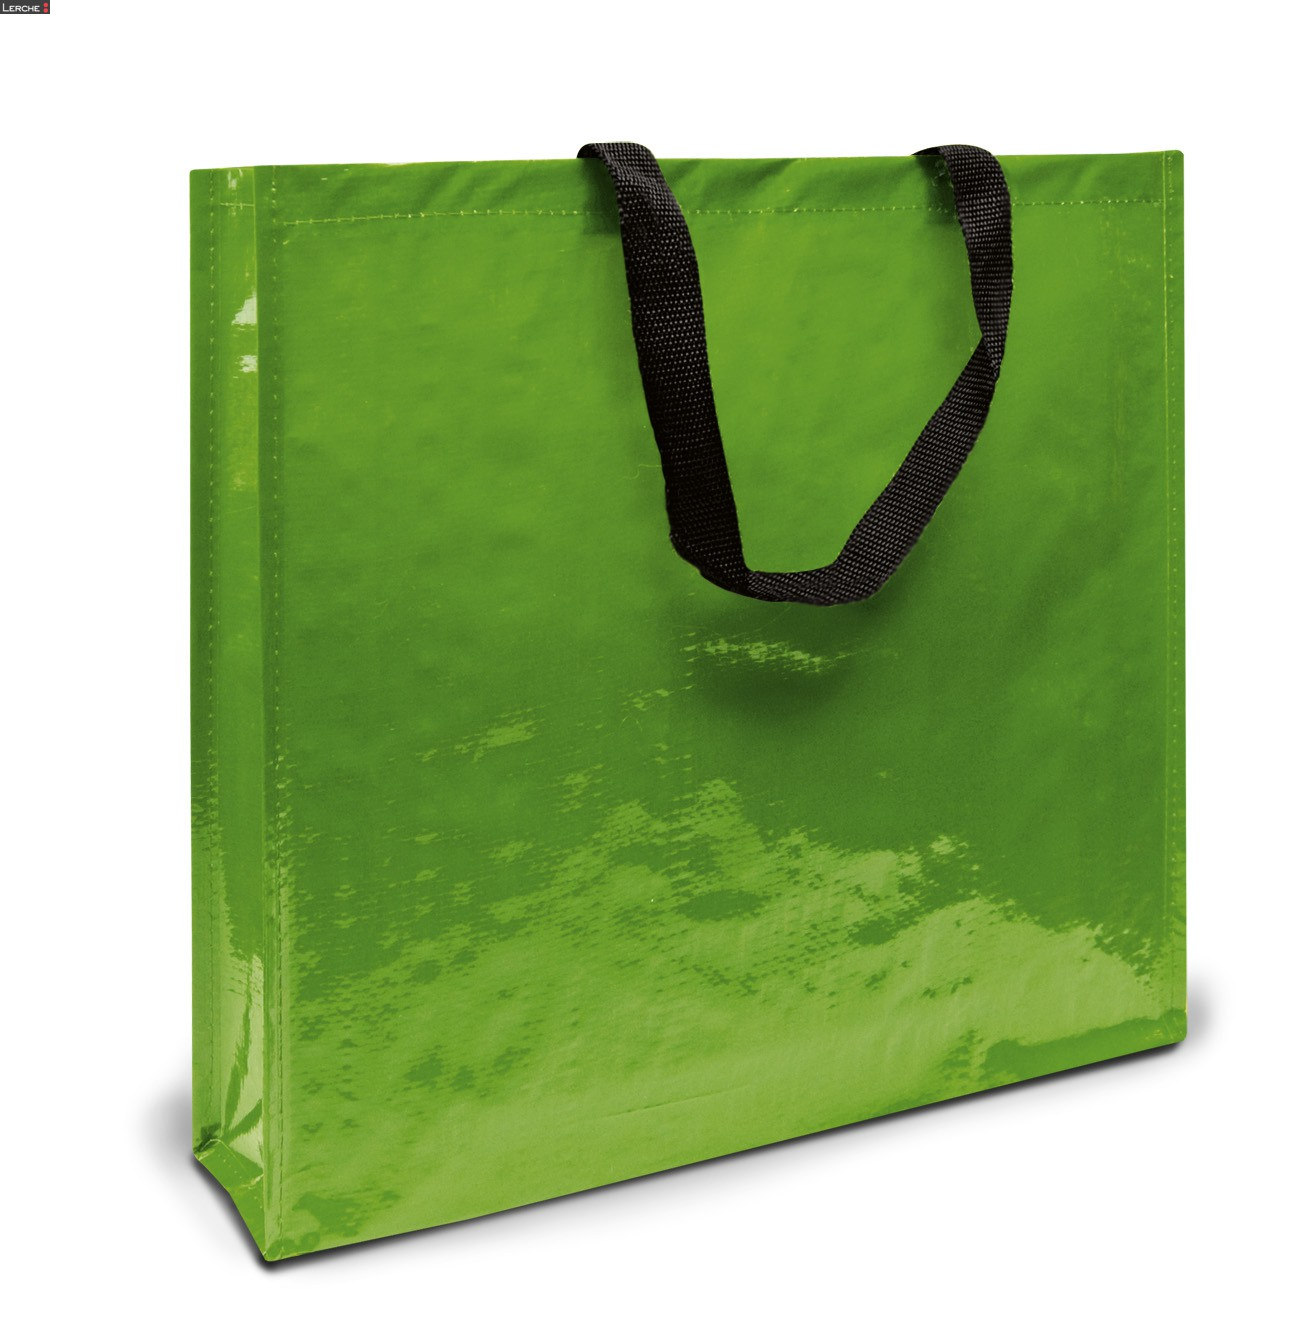 Messe- und Einkaufstasche Lyon